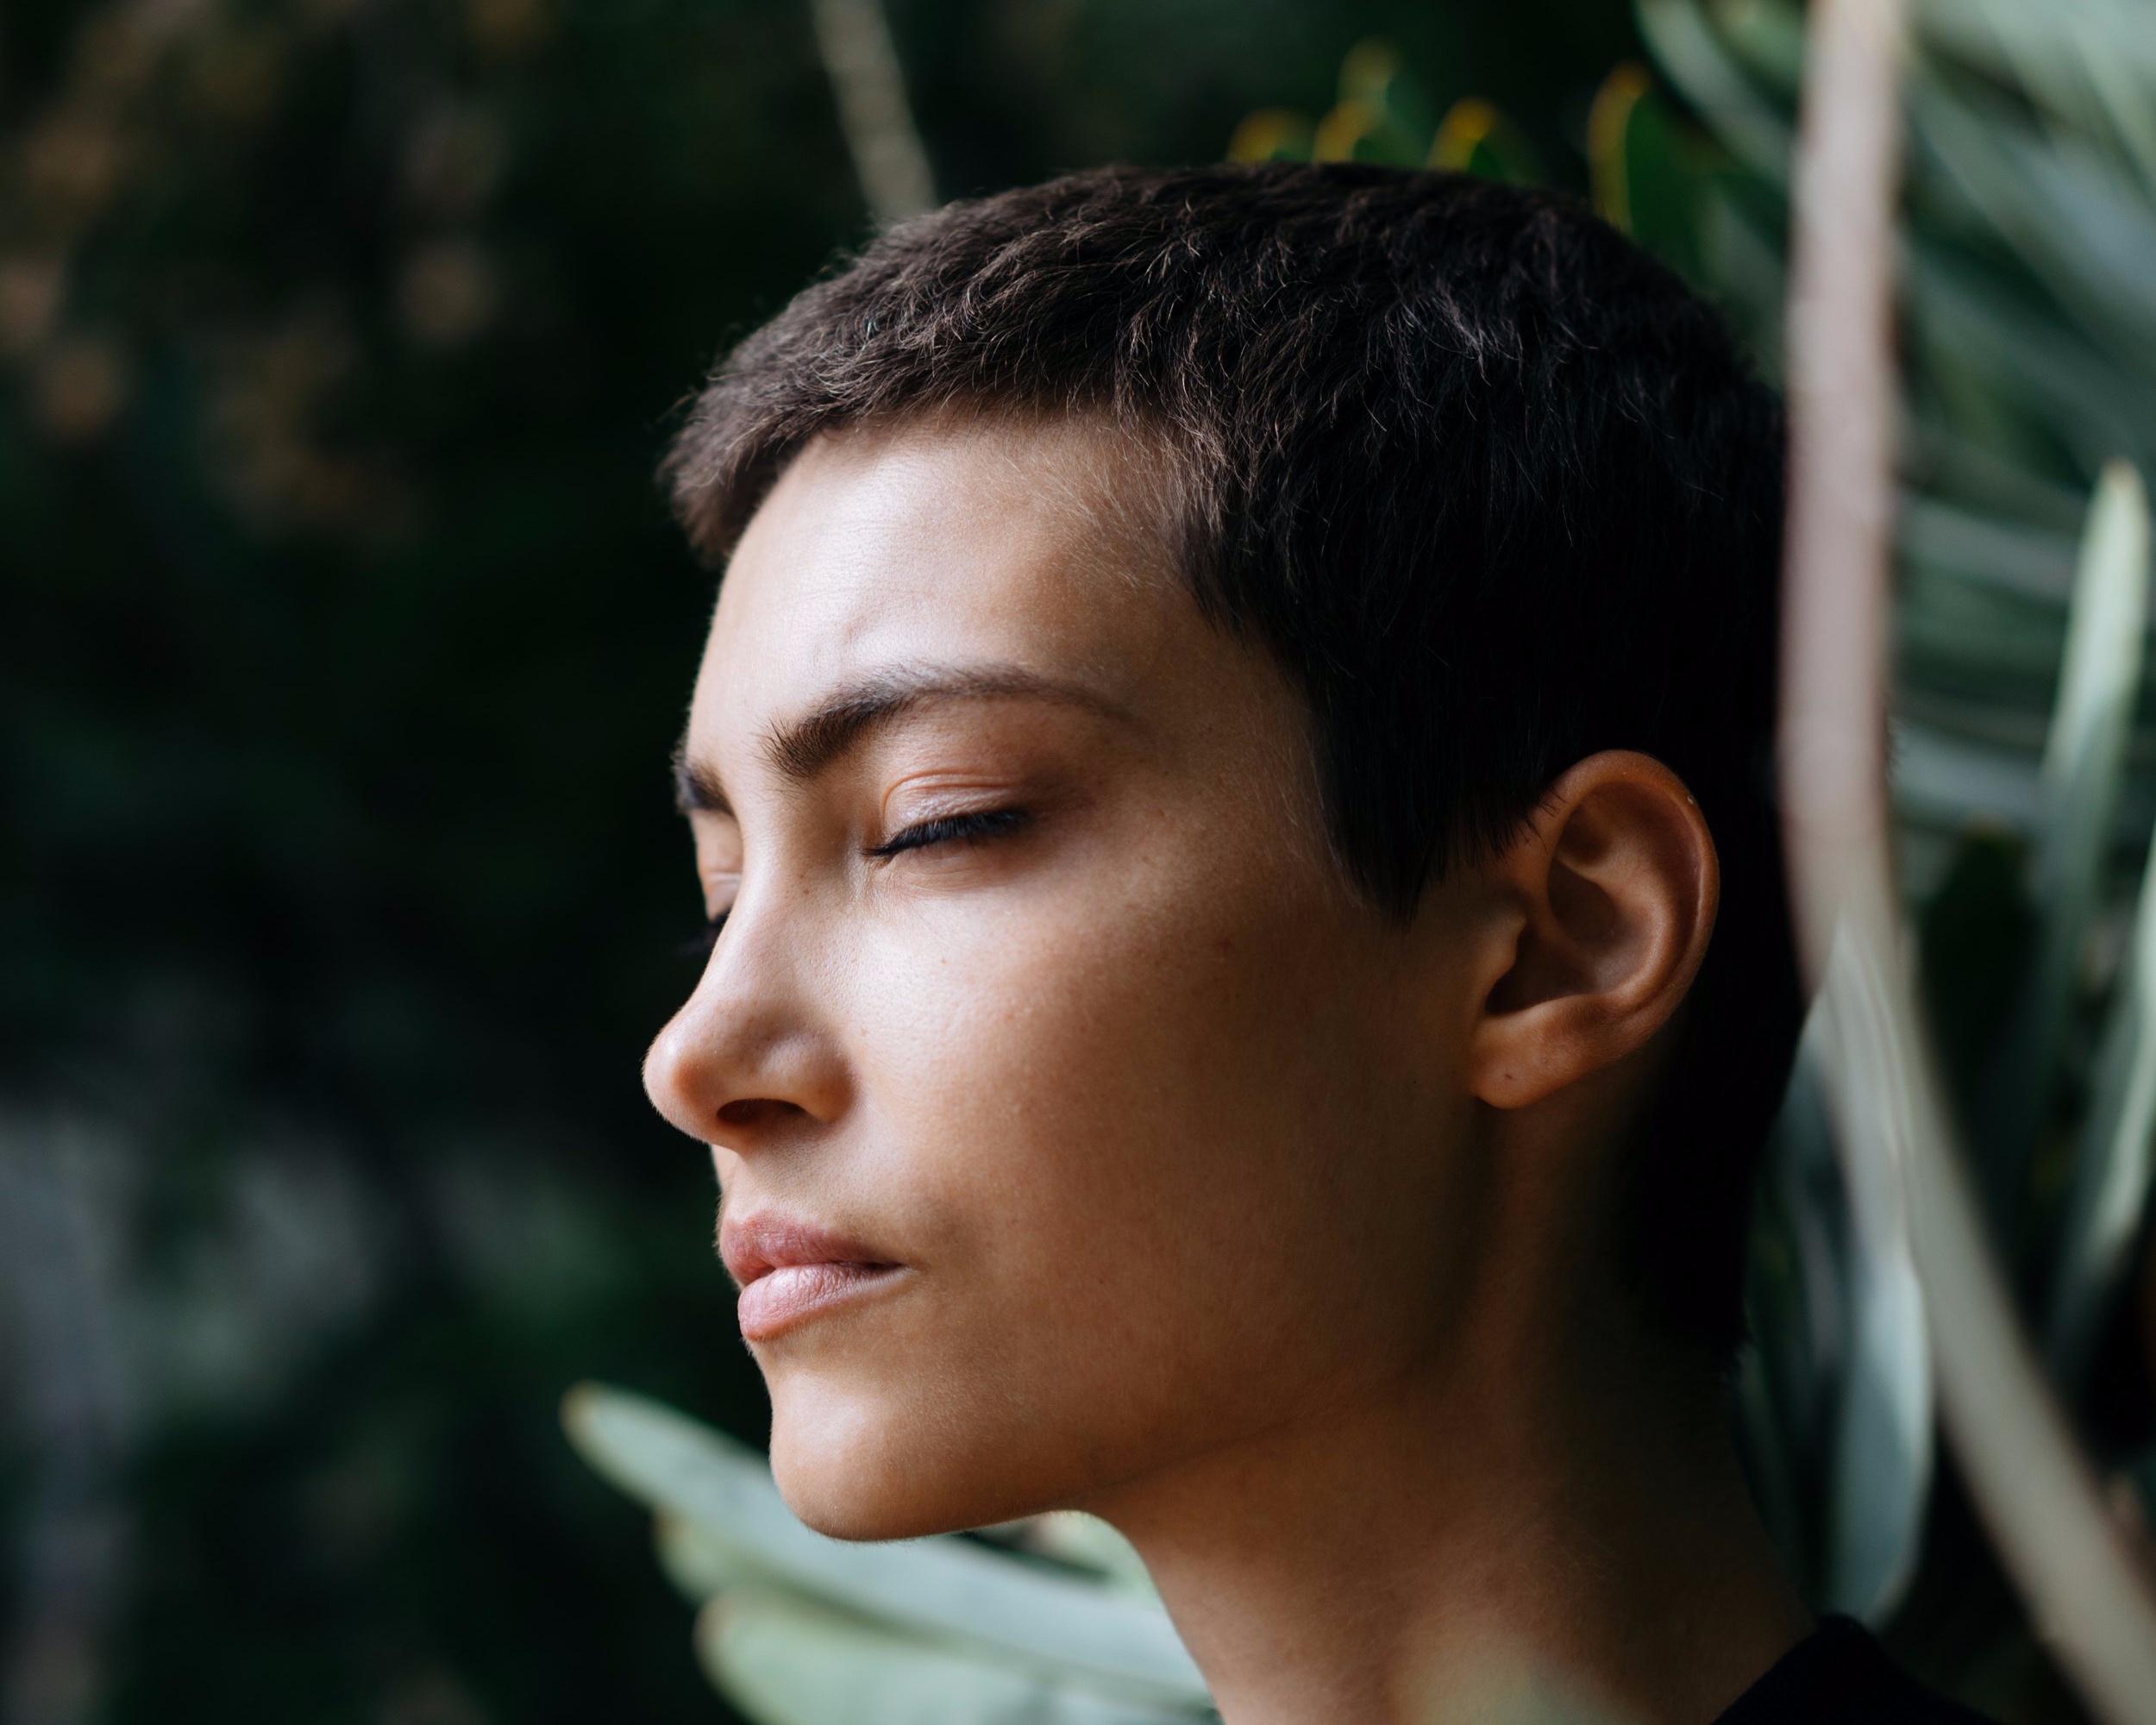 Gestion du stress - Au travail et dans la sphère personnelle